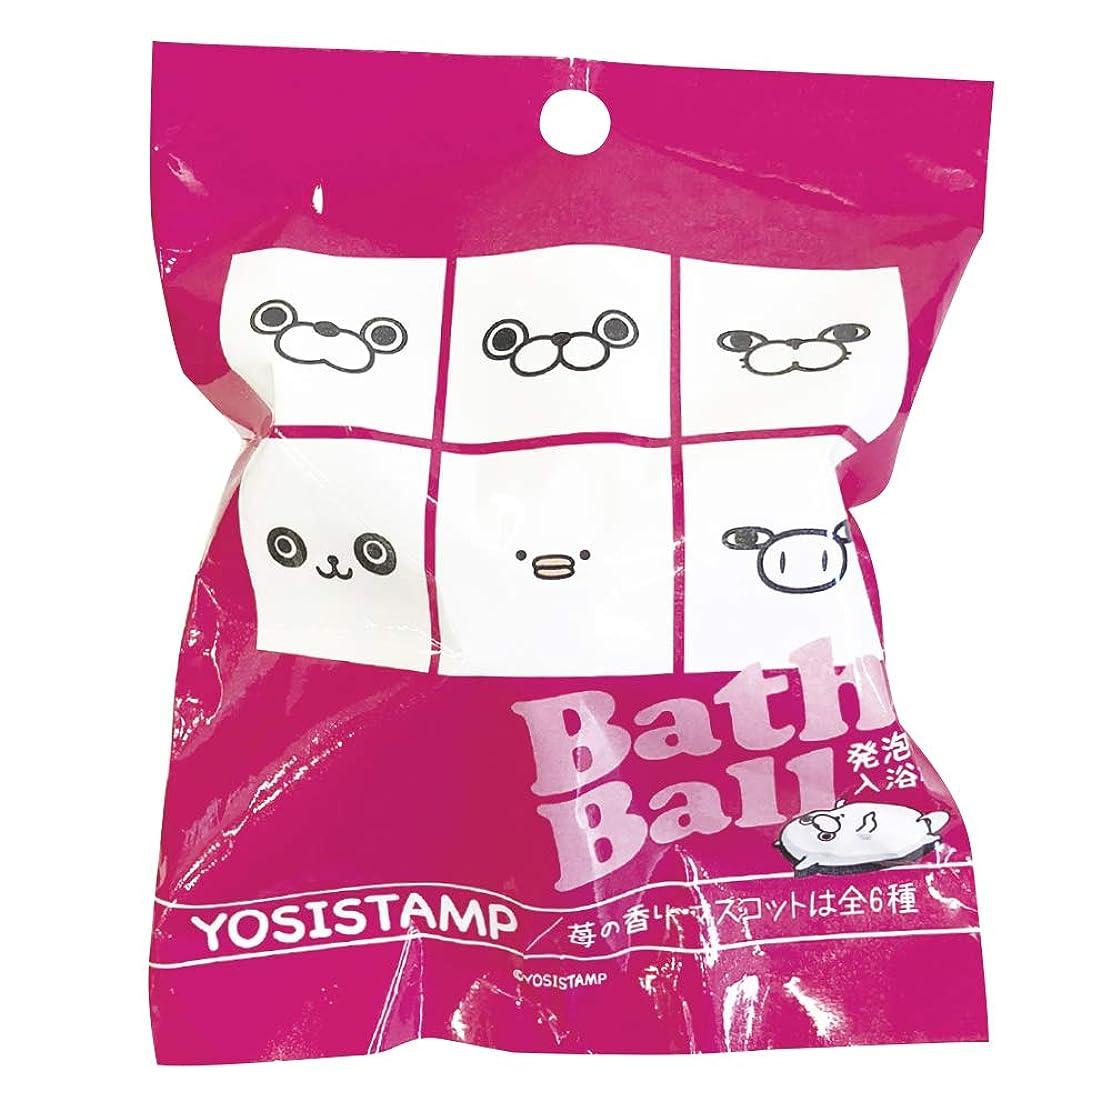 郡異常郵便屋さんヨッシースタンプ 入浴剤 バスボール おまけ付き イチゴの香り ABD-004-002